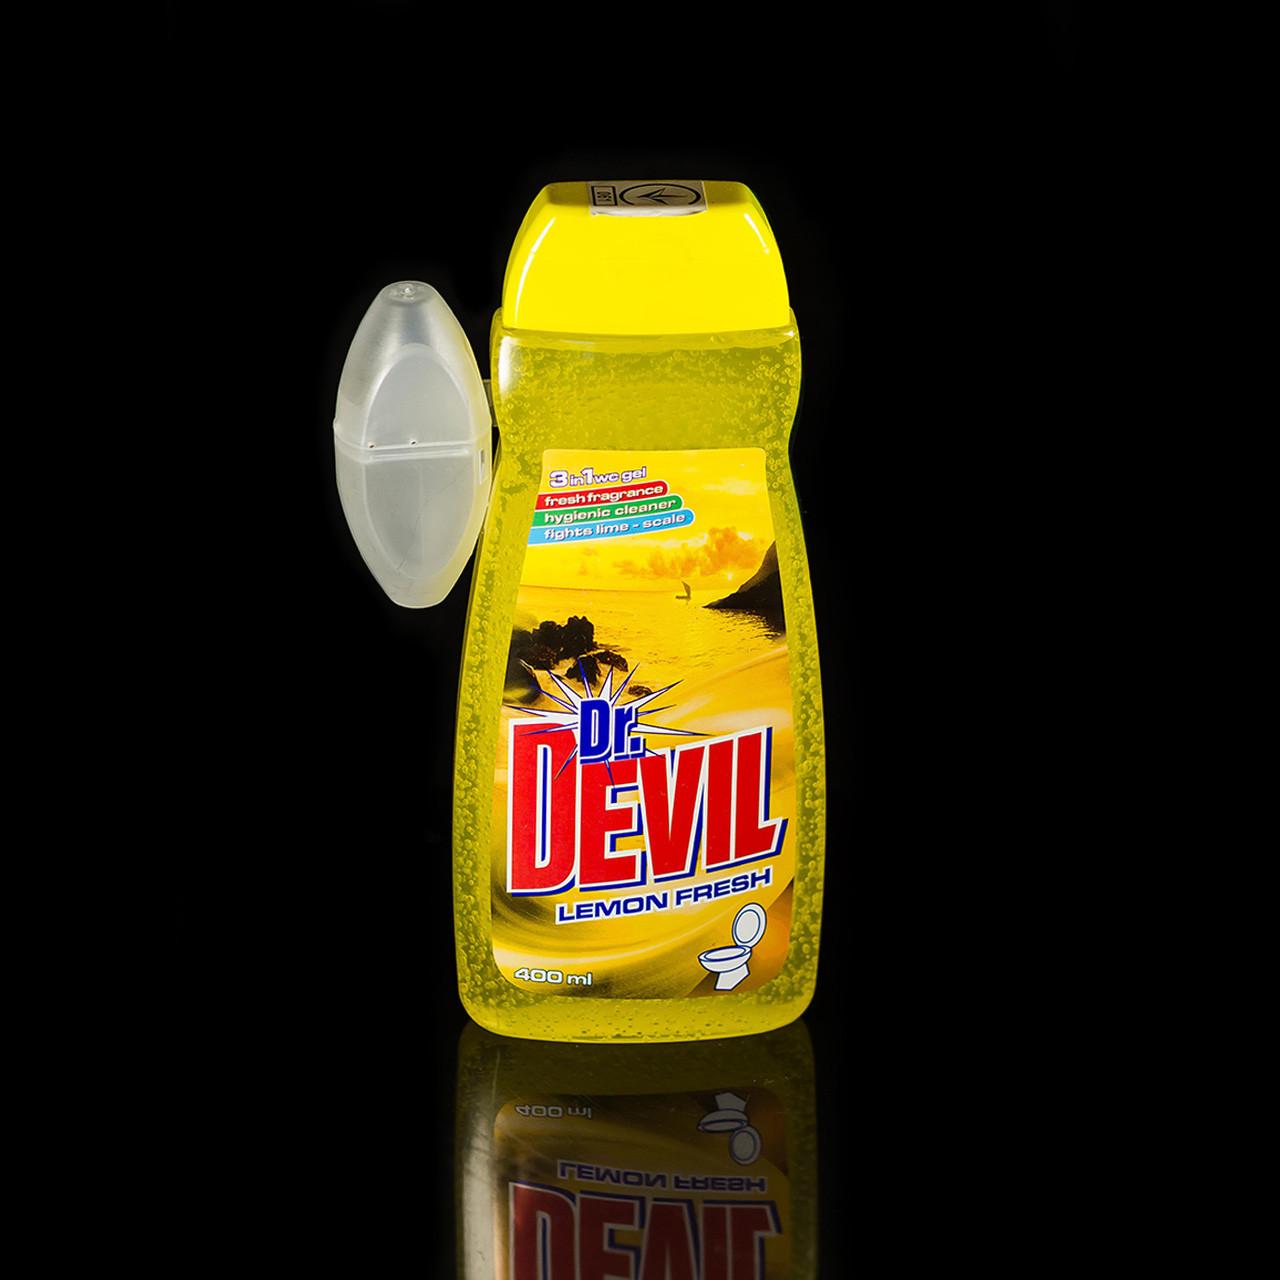 Гель для унитазов Dr. Devil Lemon Девил Лимон 400 мл запасной блок - Интернет-магазин sevenMART  в Одессе